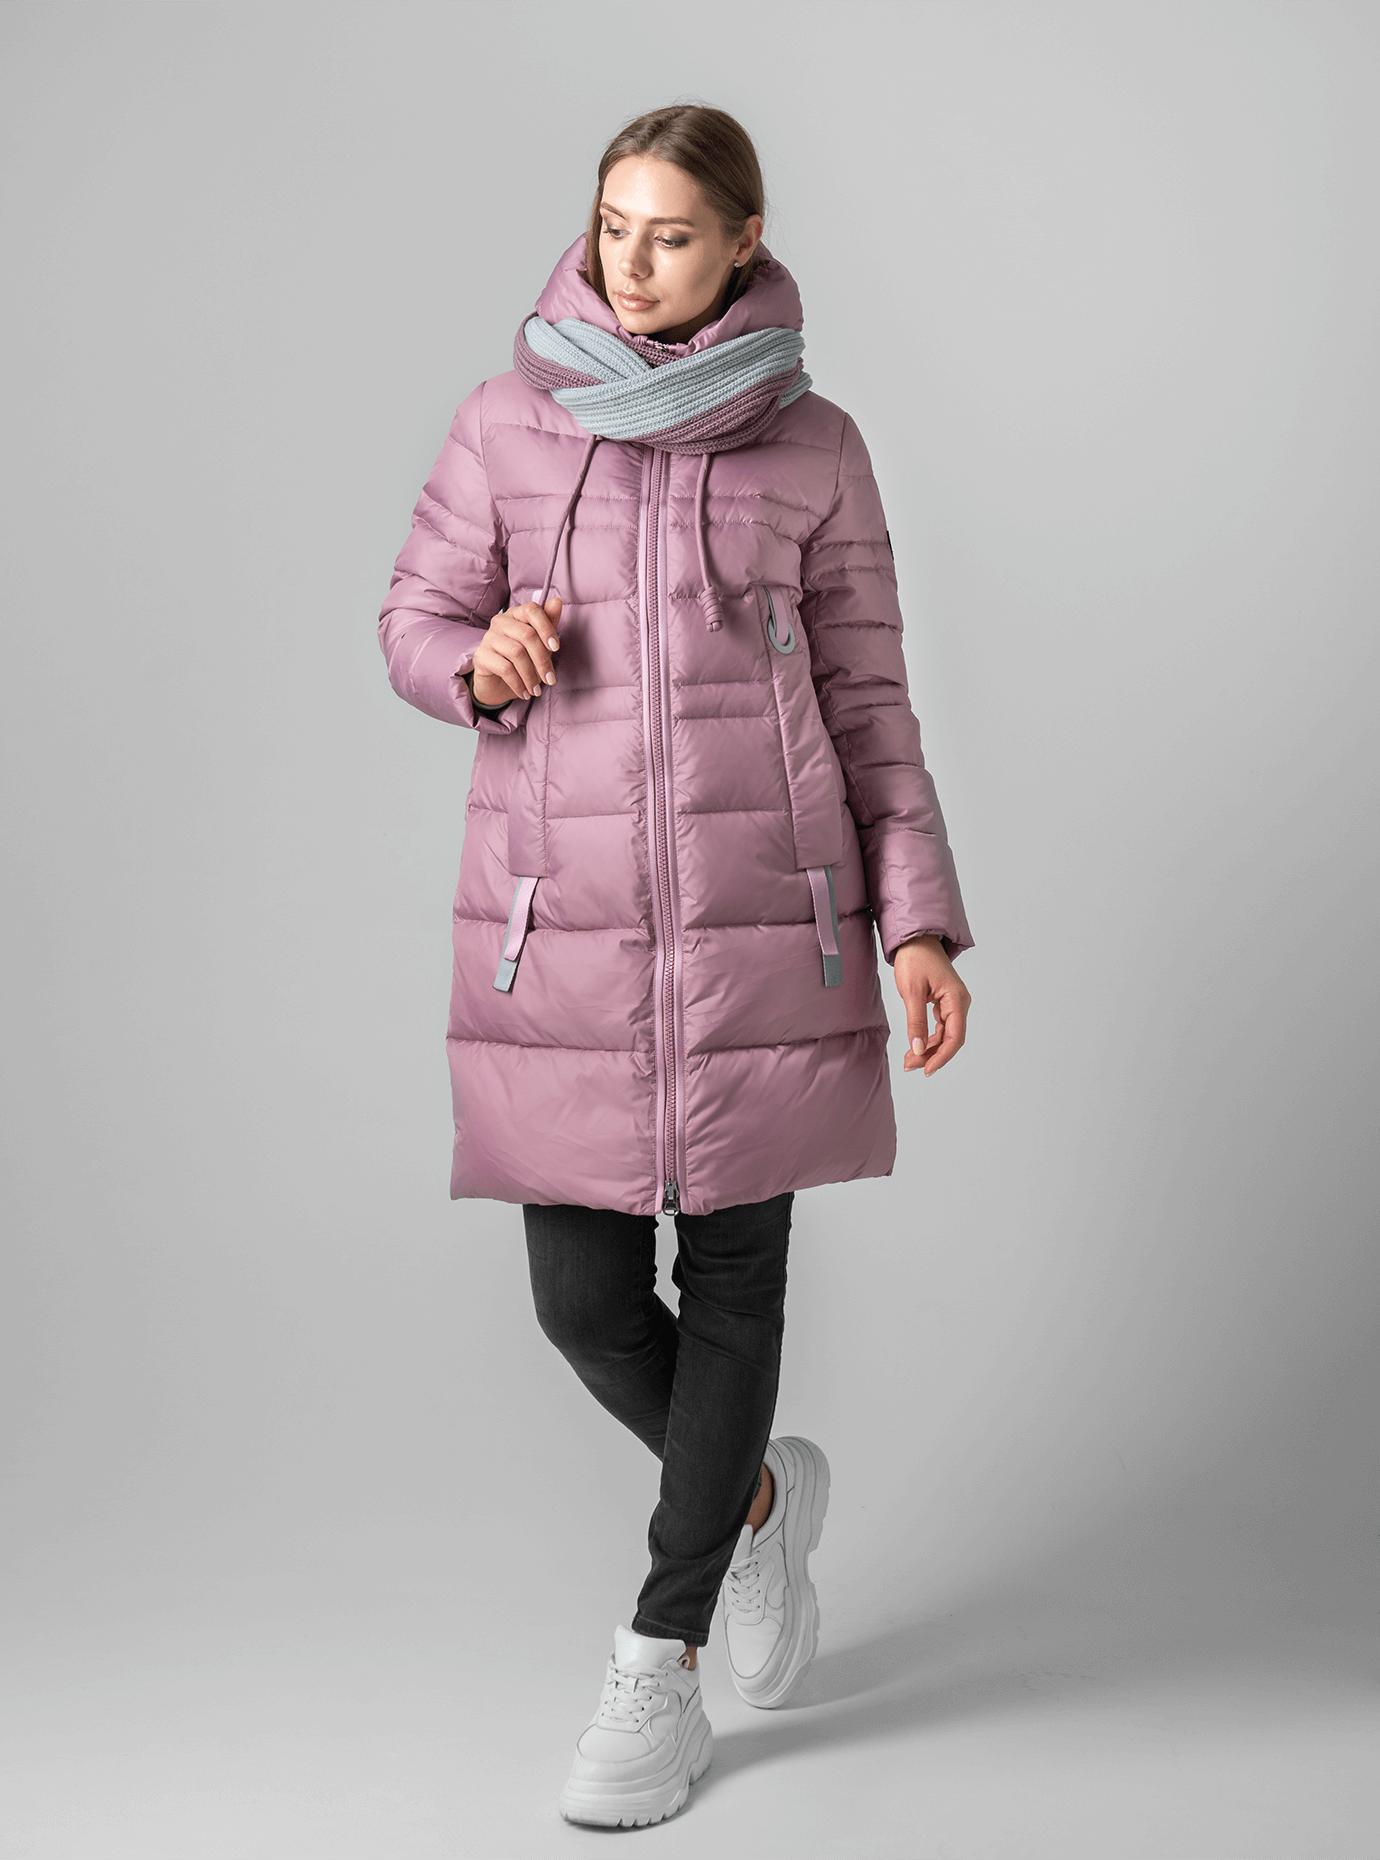 Женская зимняя куртка-снуд Пудровый 2XL (02-190189): фото - Alster.ua